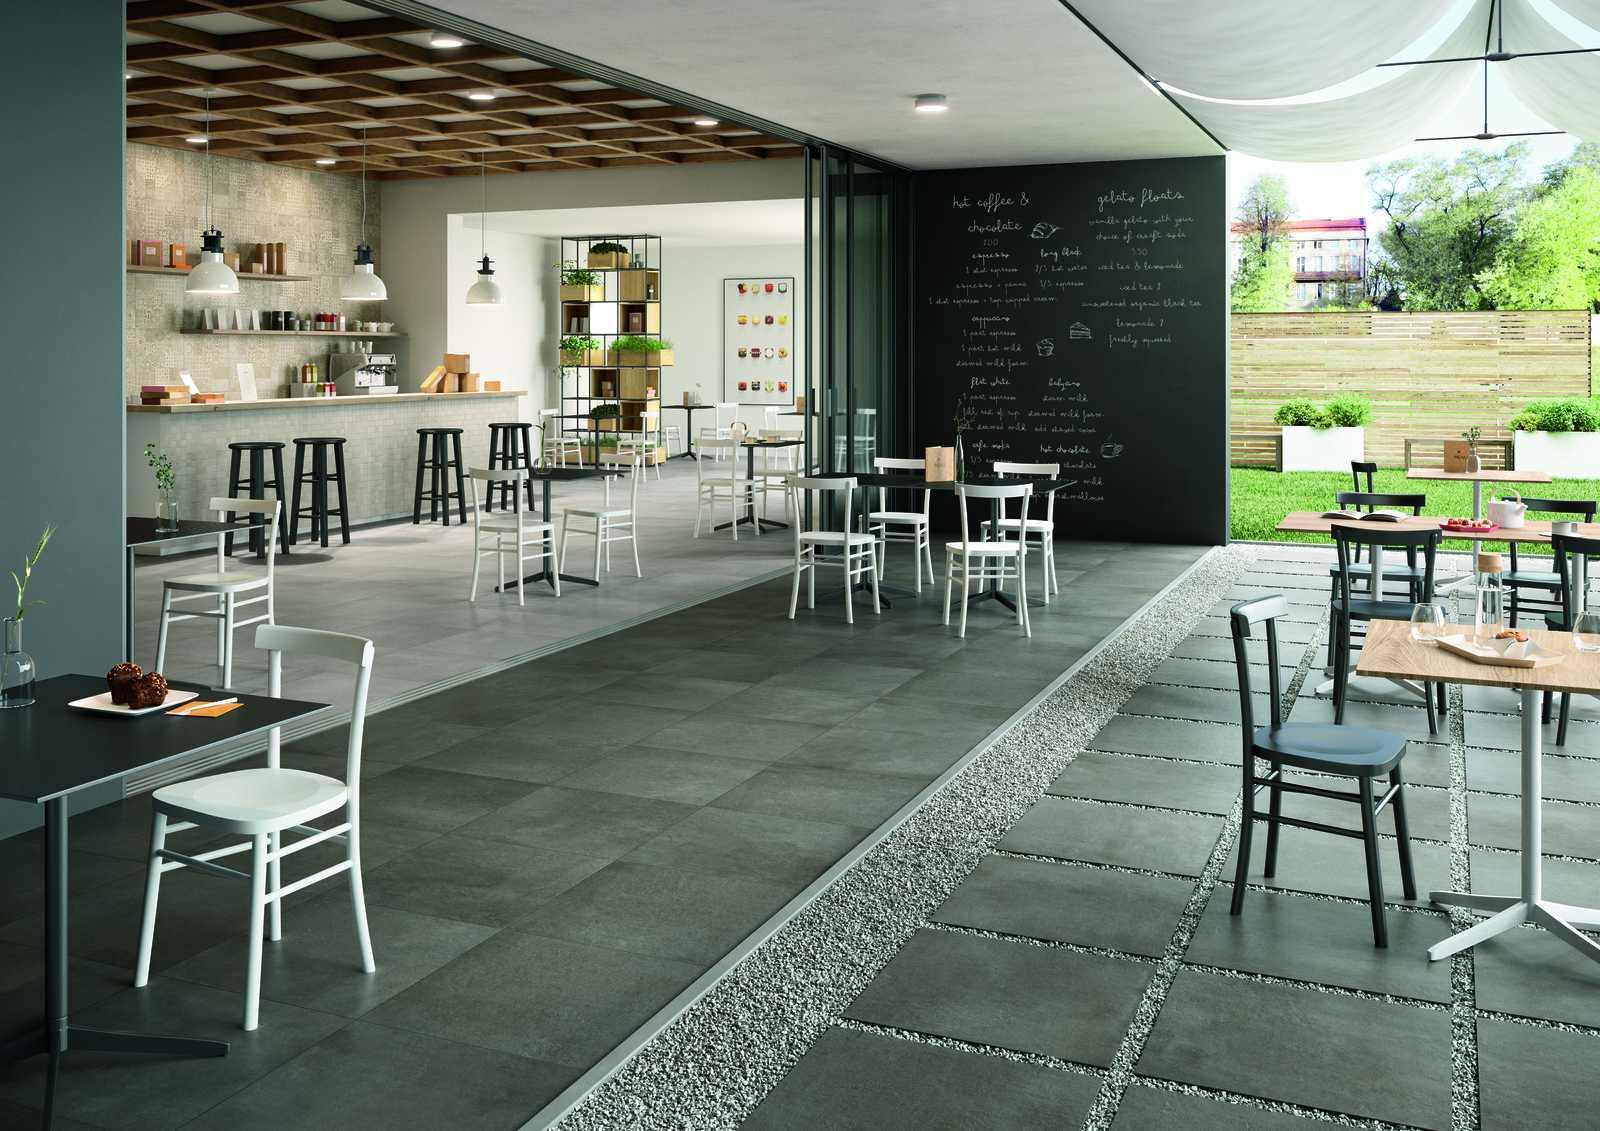 Pavimento cucina ristorante great pavimento cucina guida alla